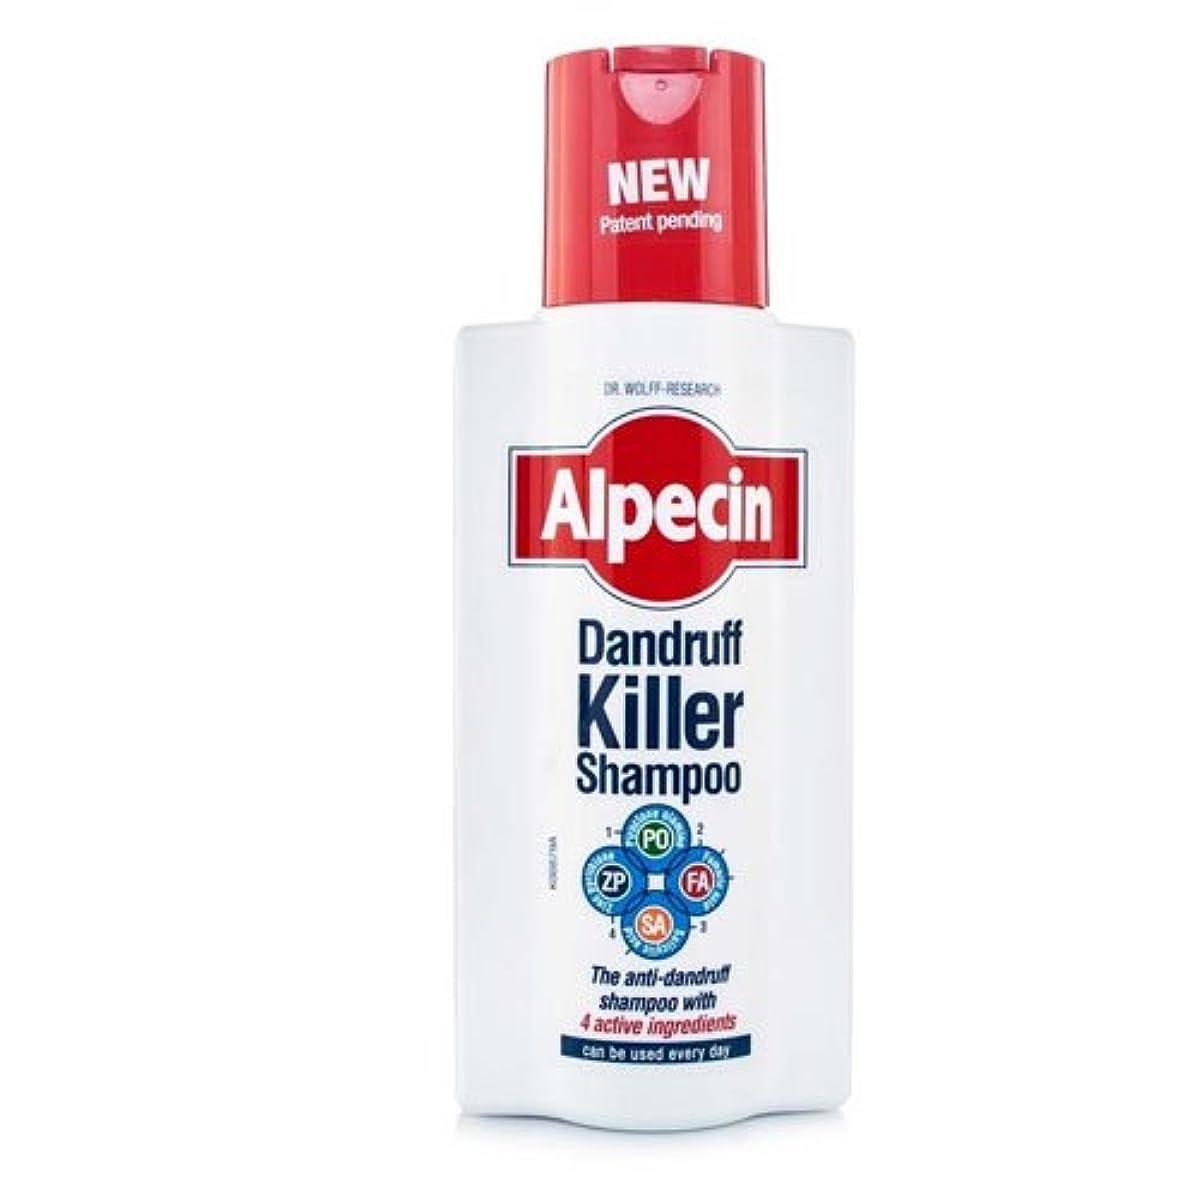 自動的に変更可能動かないAlpecin Dandruff Killer Shampoo 250 ml by Alpecin [並行輸入品]